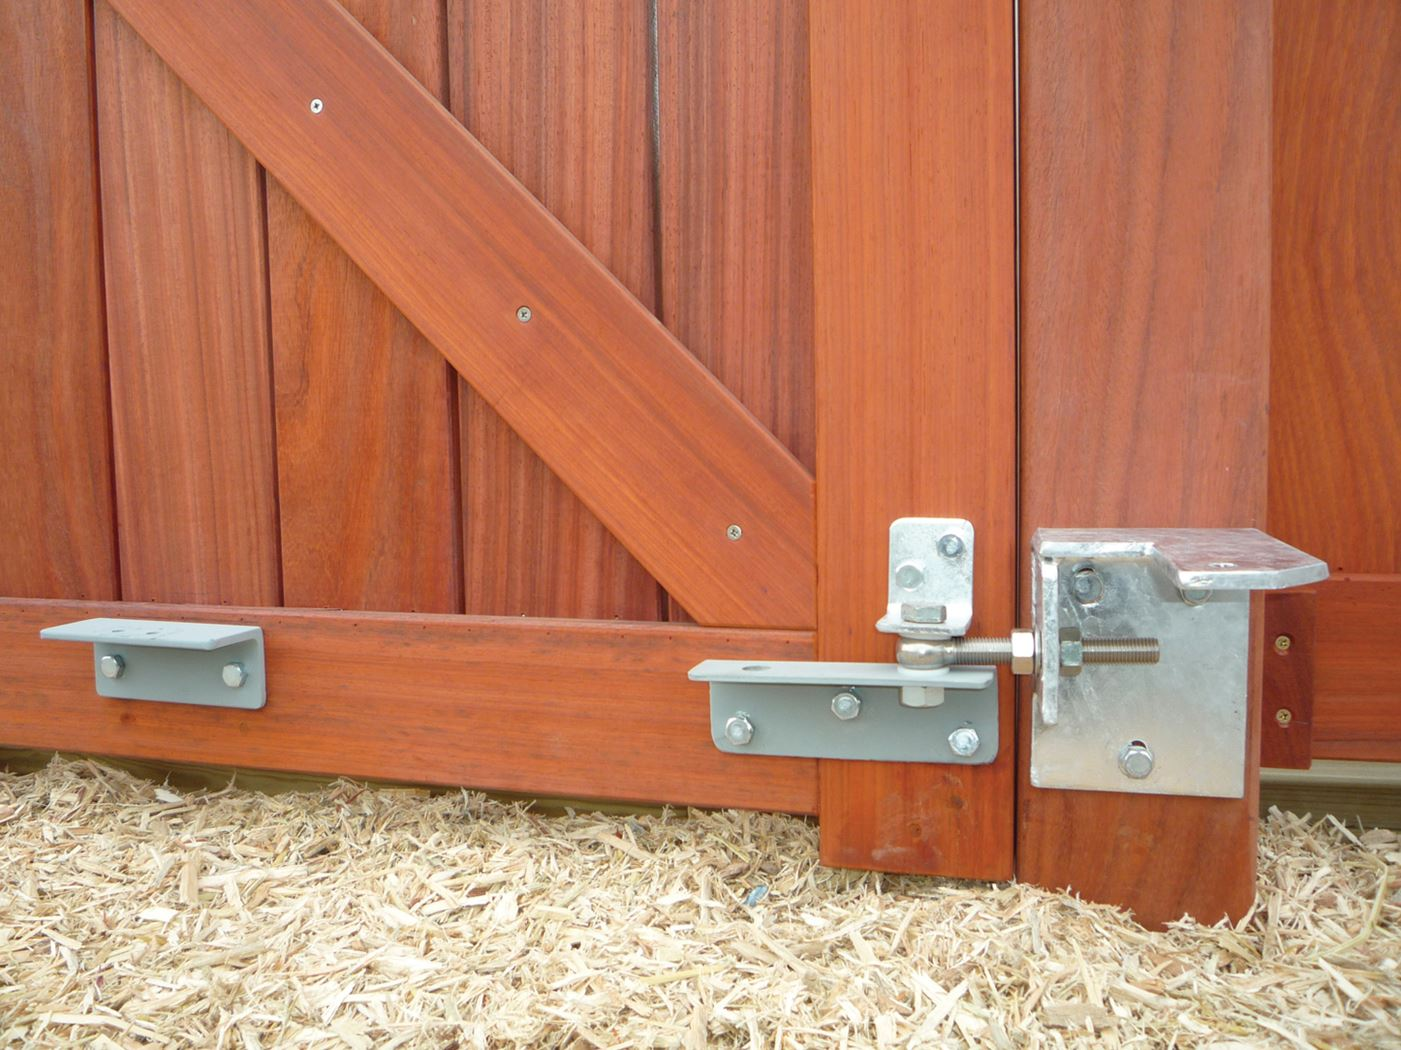 houtland verstelbaarsysteem voor ophanging motor links